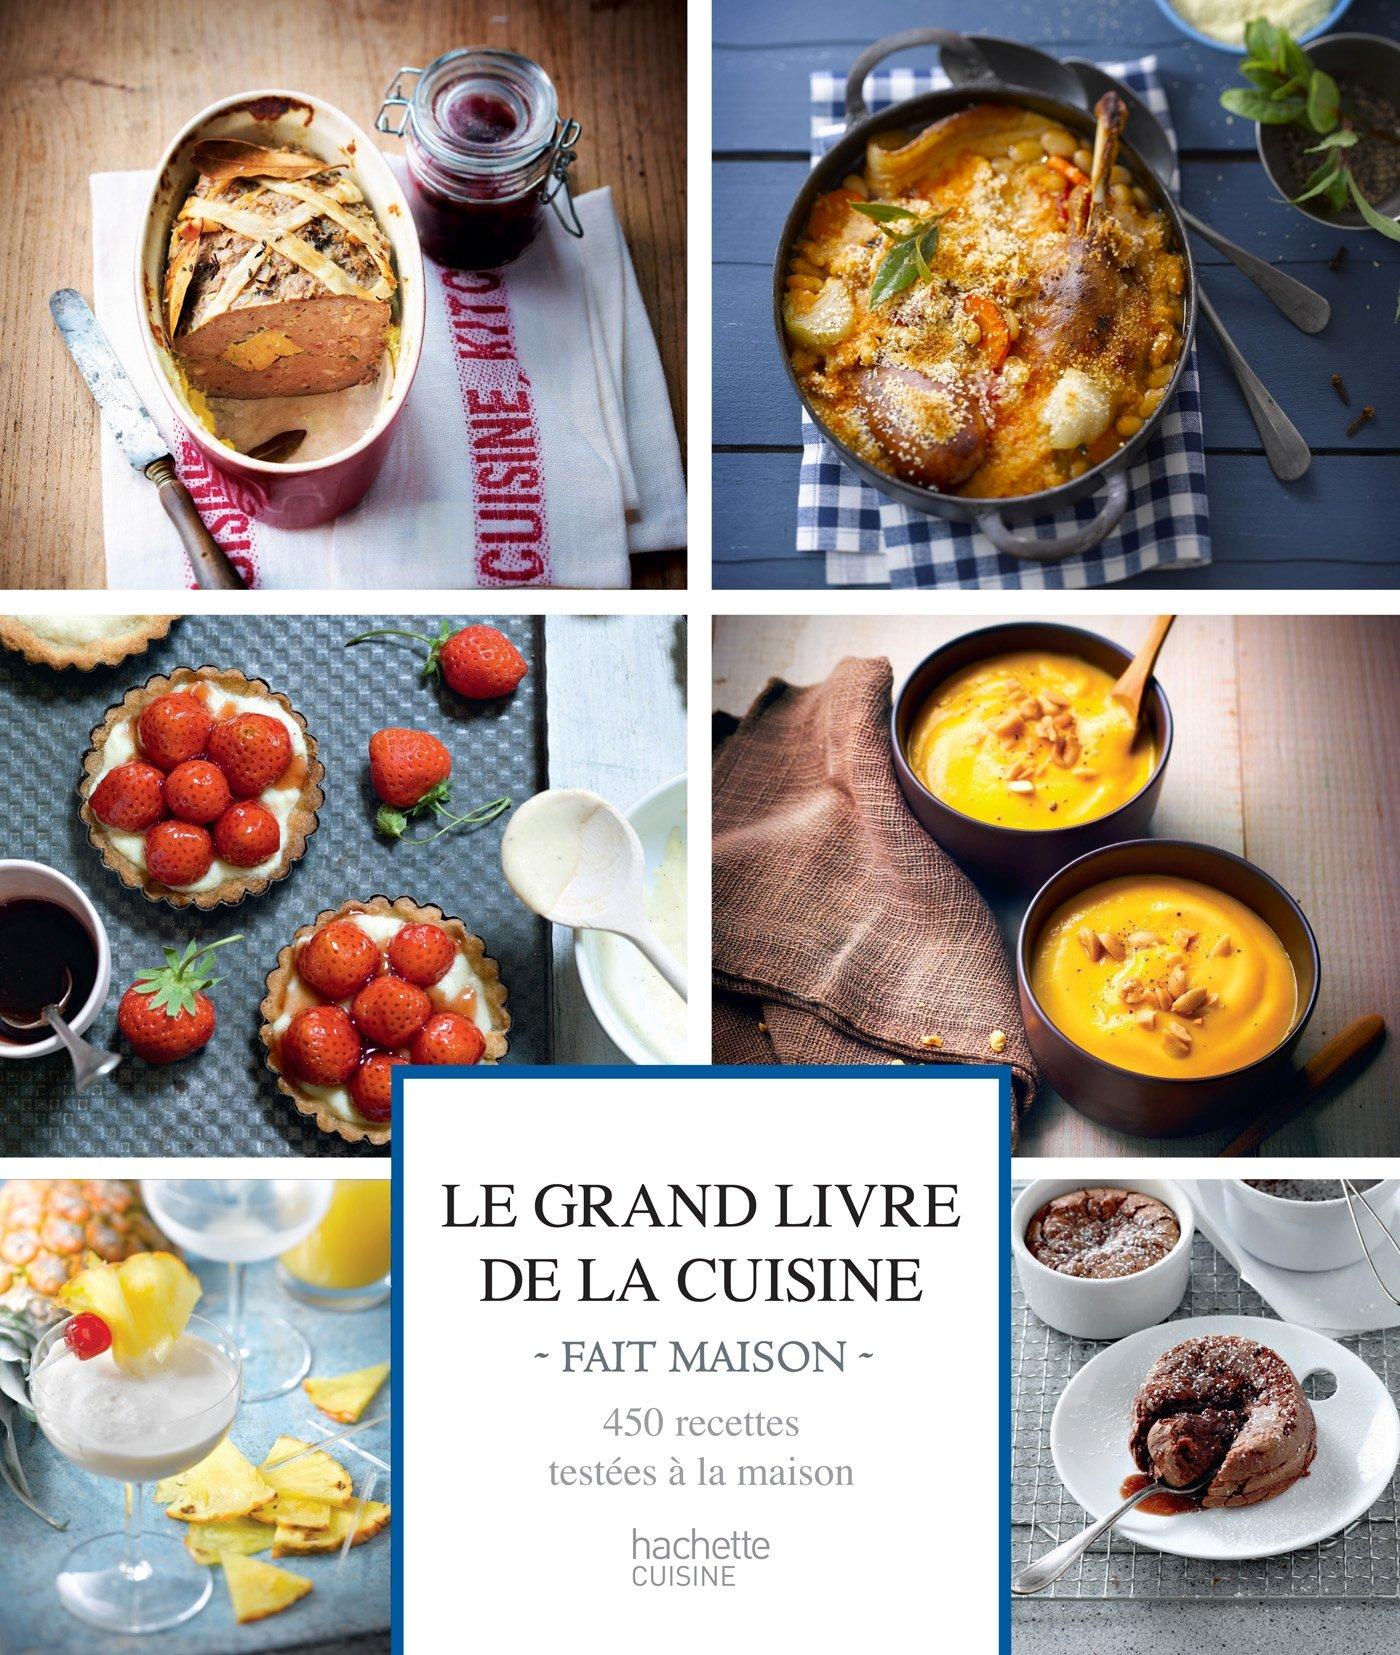 Le Grand Livre De La Cuisine Fait Maison Amazon - Cuisine testee